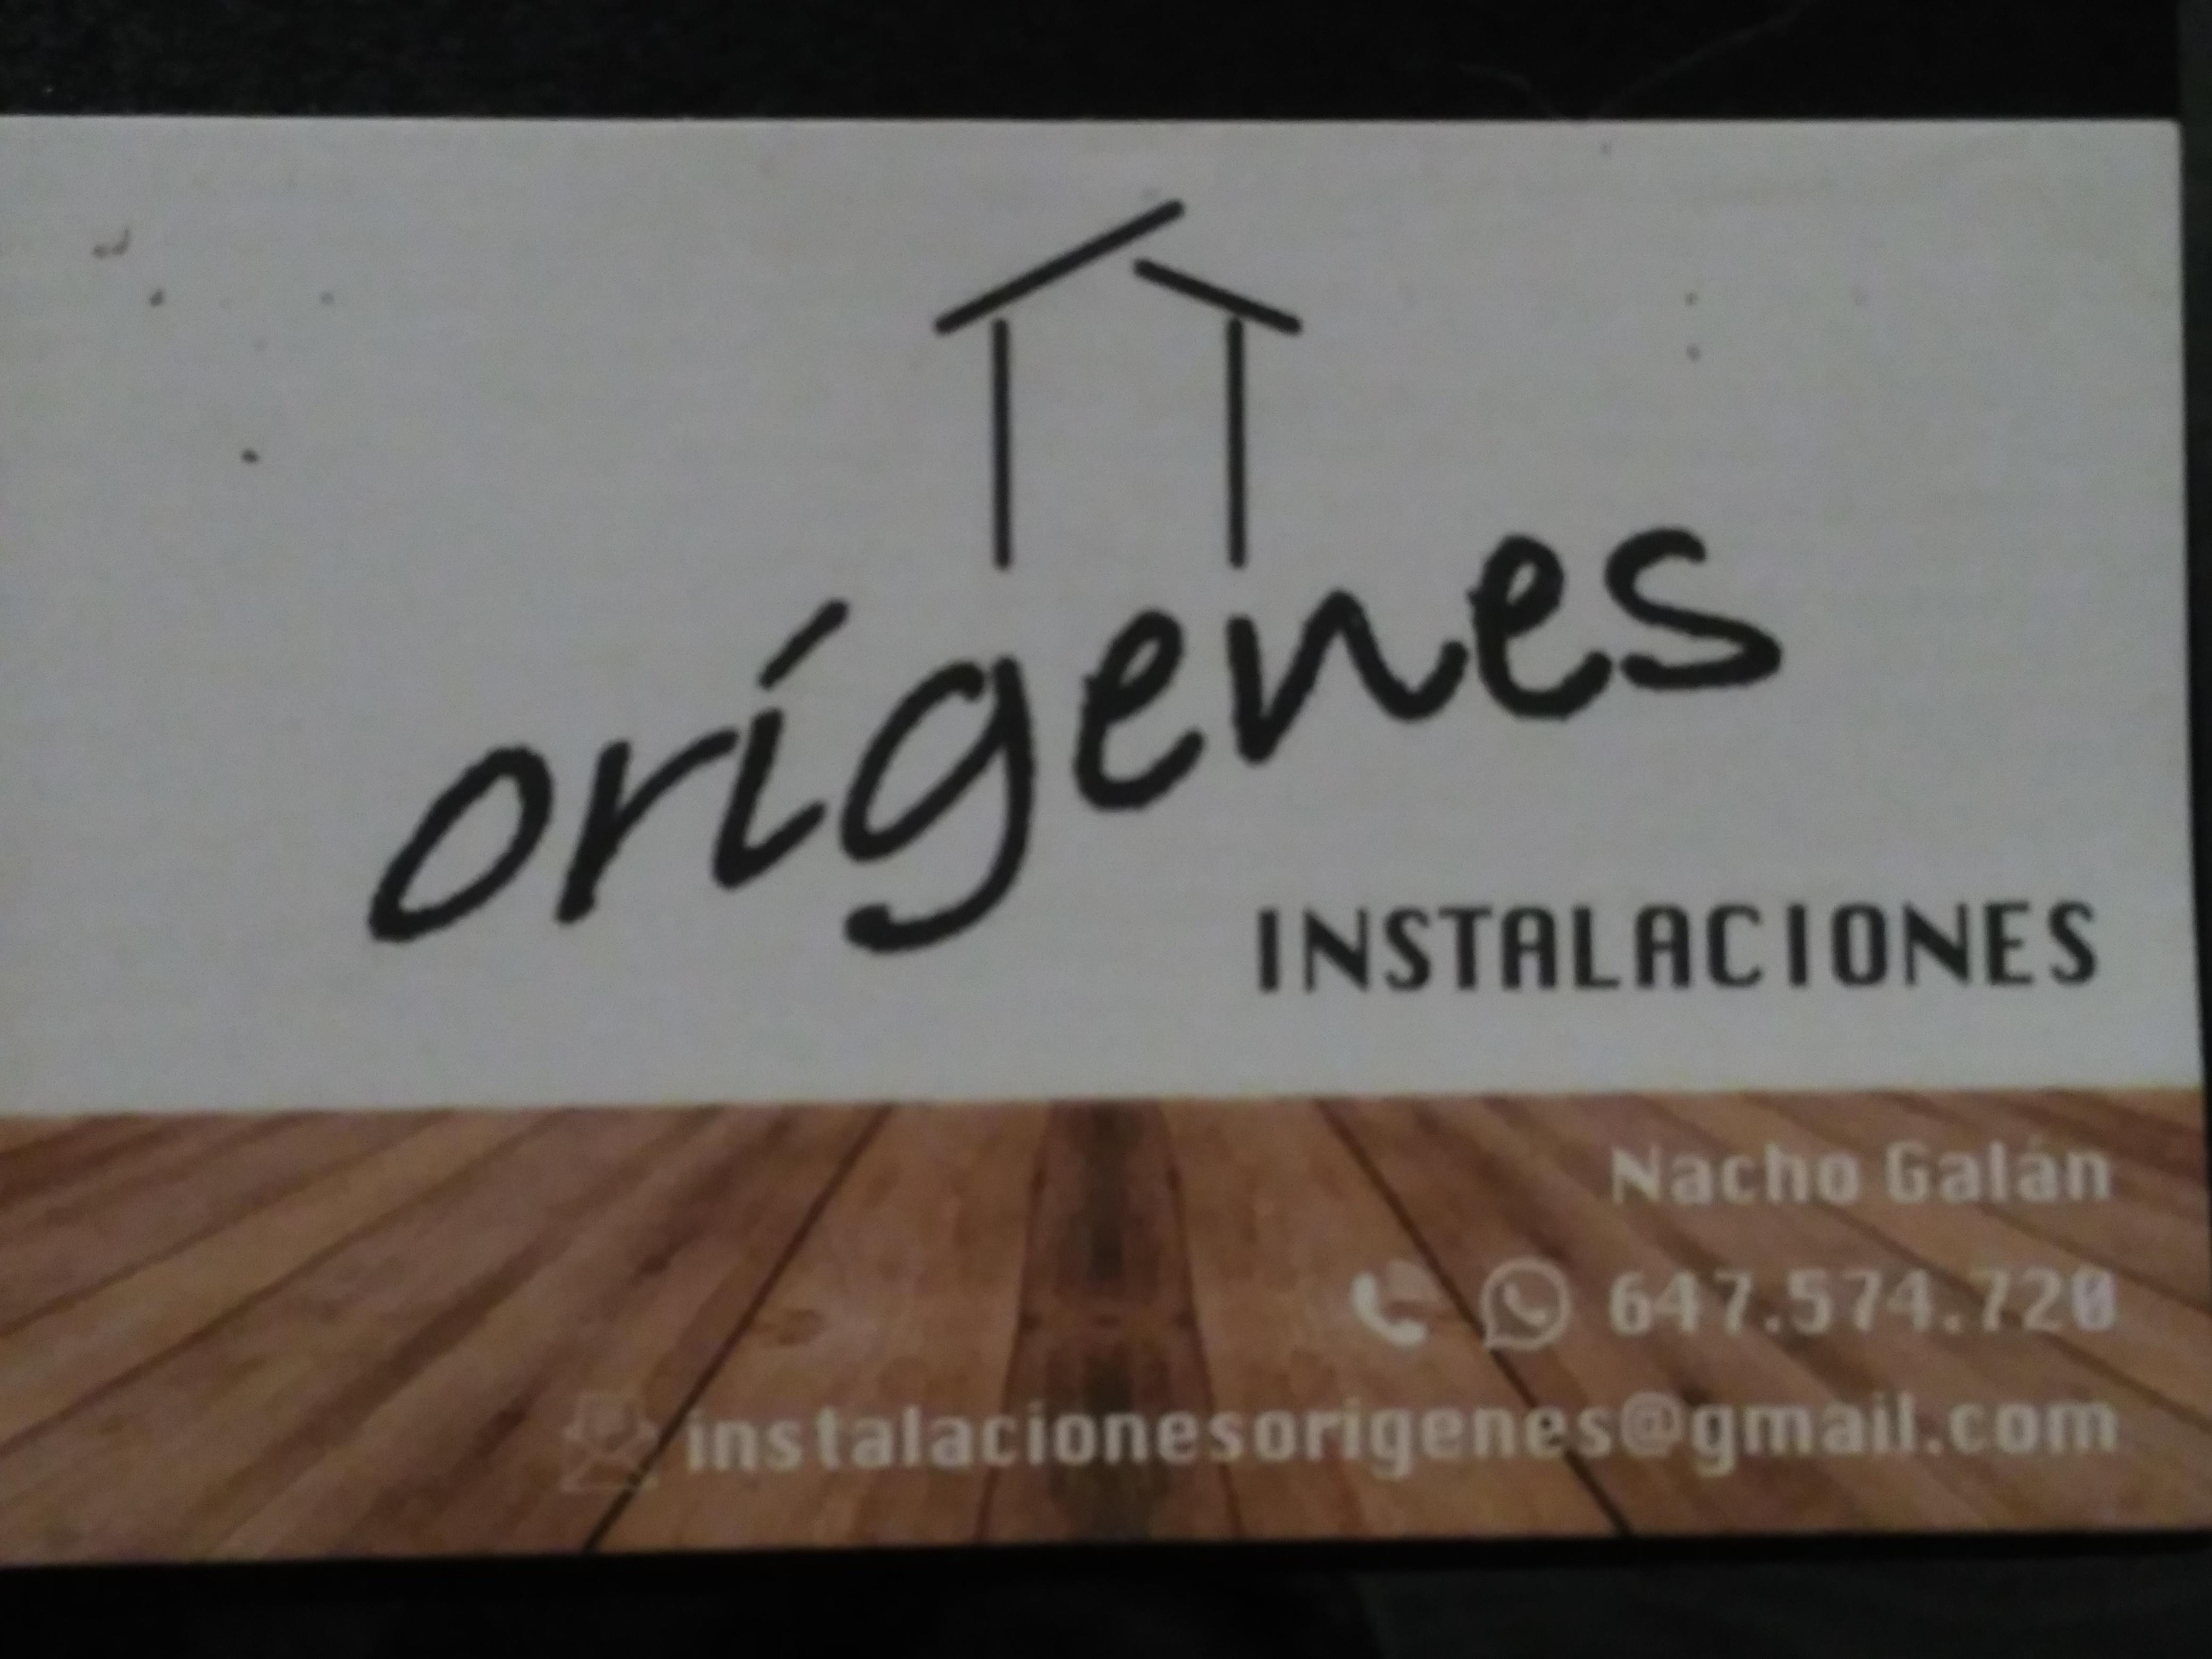 Instalaciones Origenes